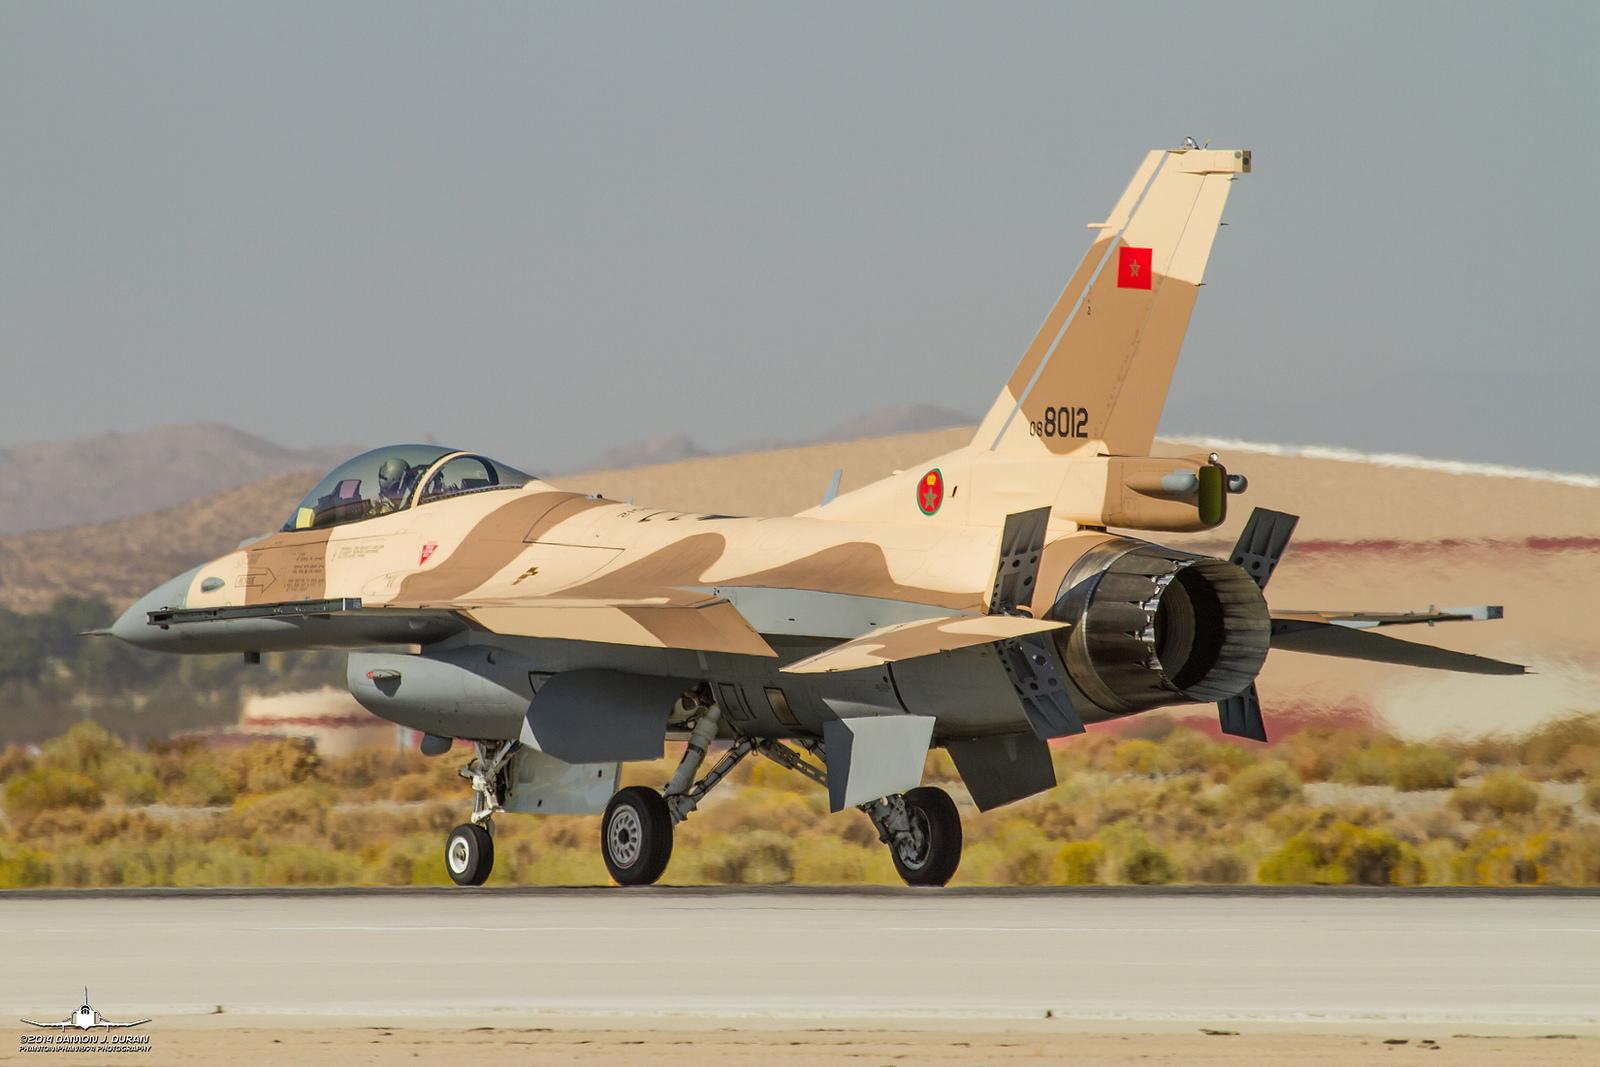 القوات الجوية الملكية المغربية - متجدد - 53368615373069947868cfa4425h